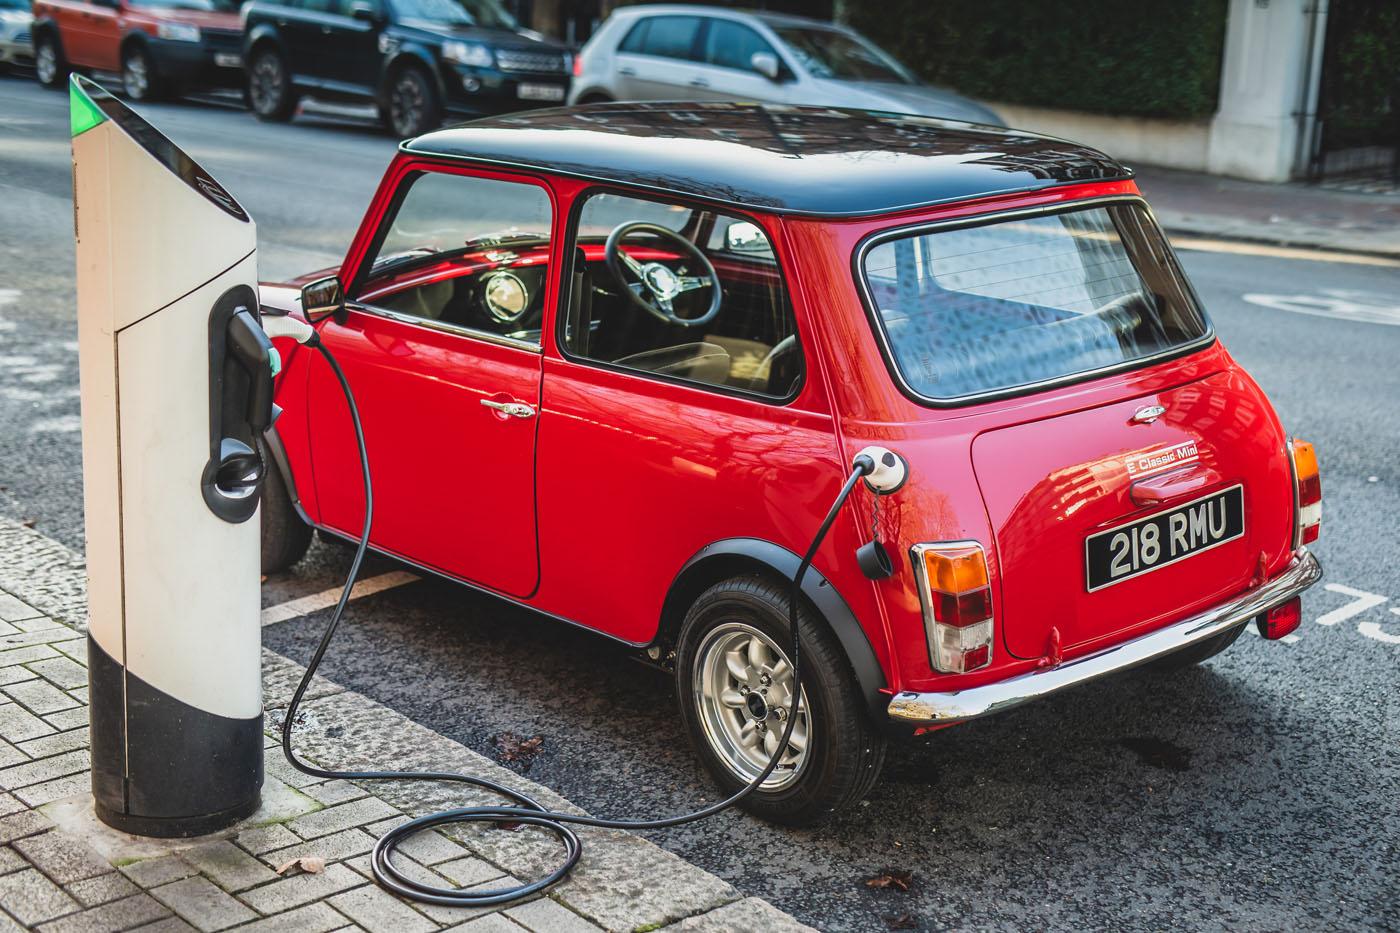 Quer um Mini clássico elétrico? Custa-lhe, apenas, 90 mil euros, com direção assistida e ar condicionado como extras!